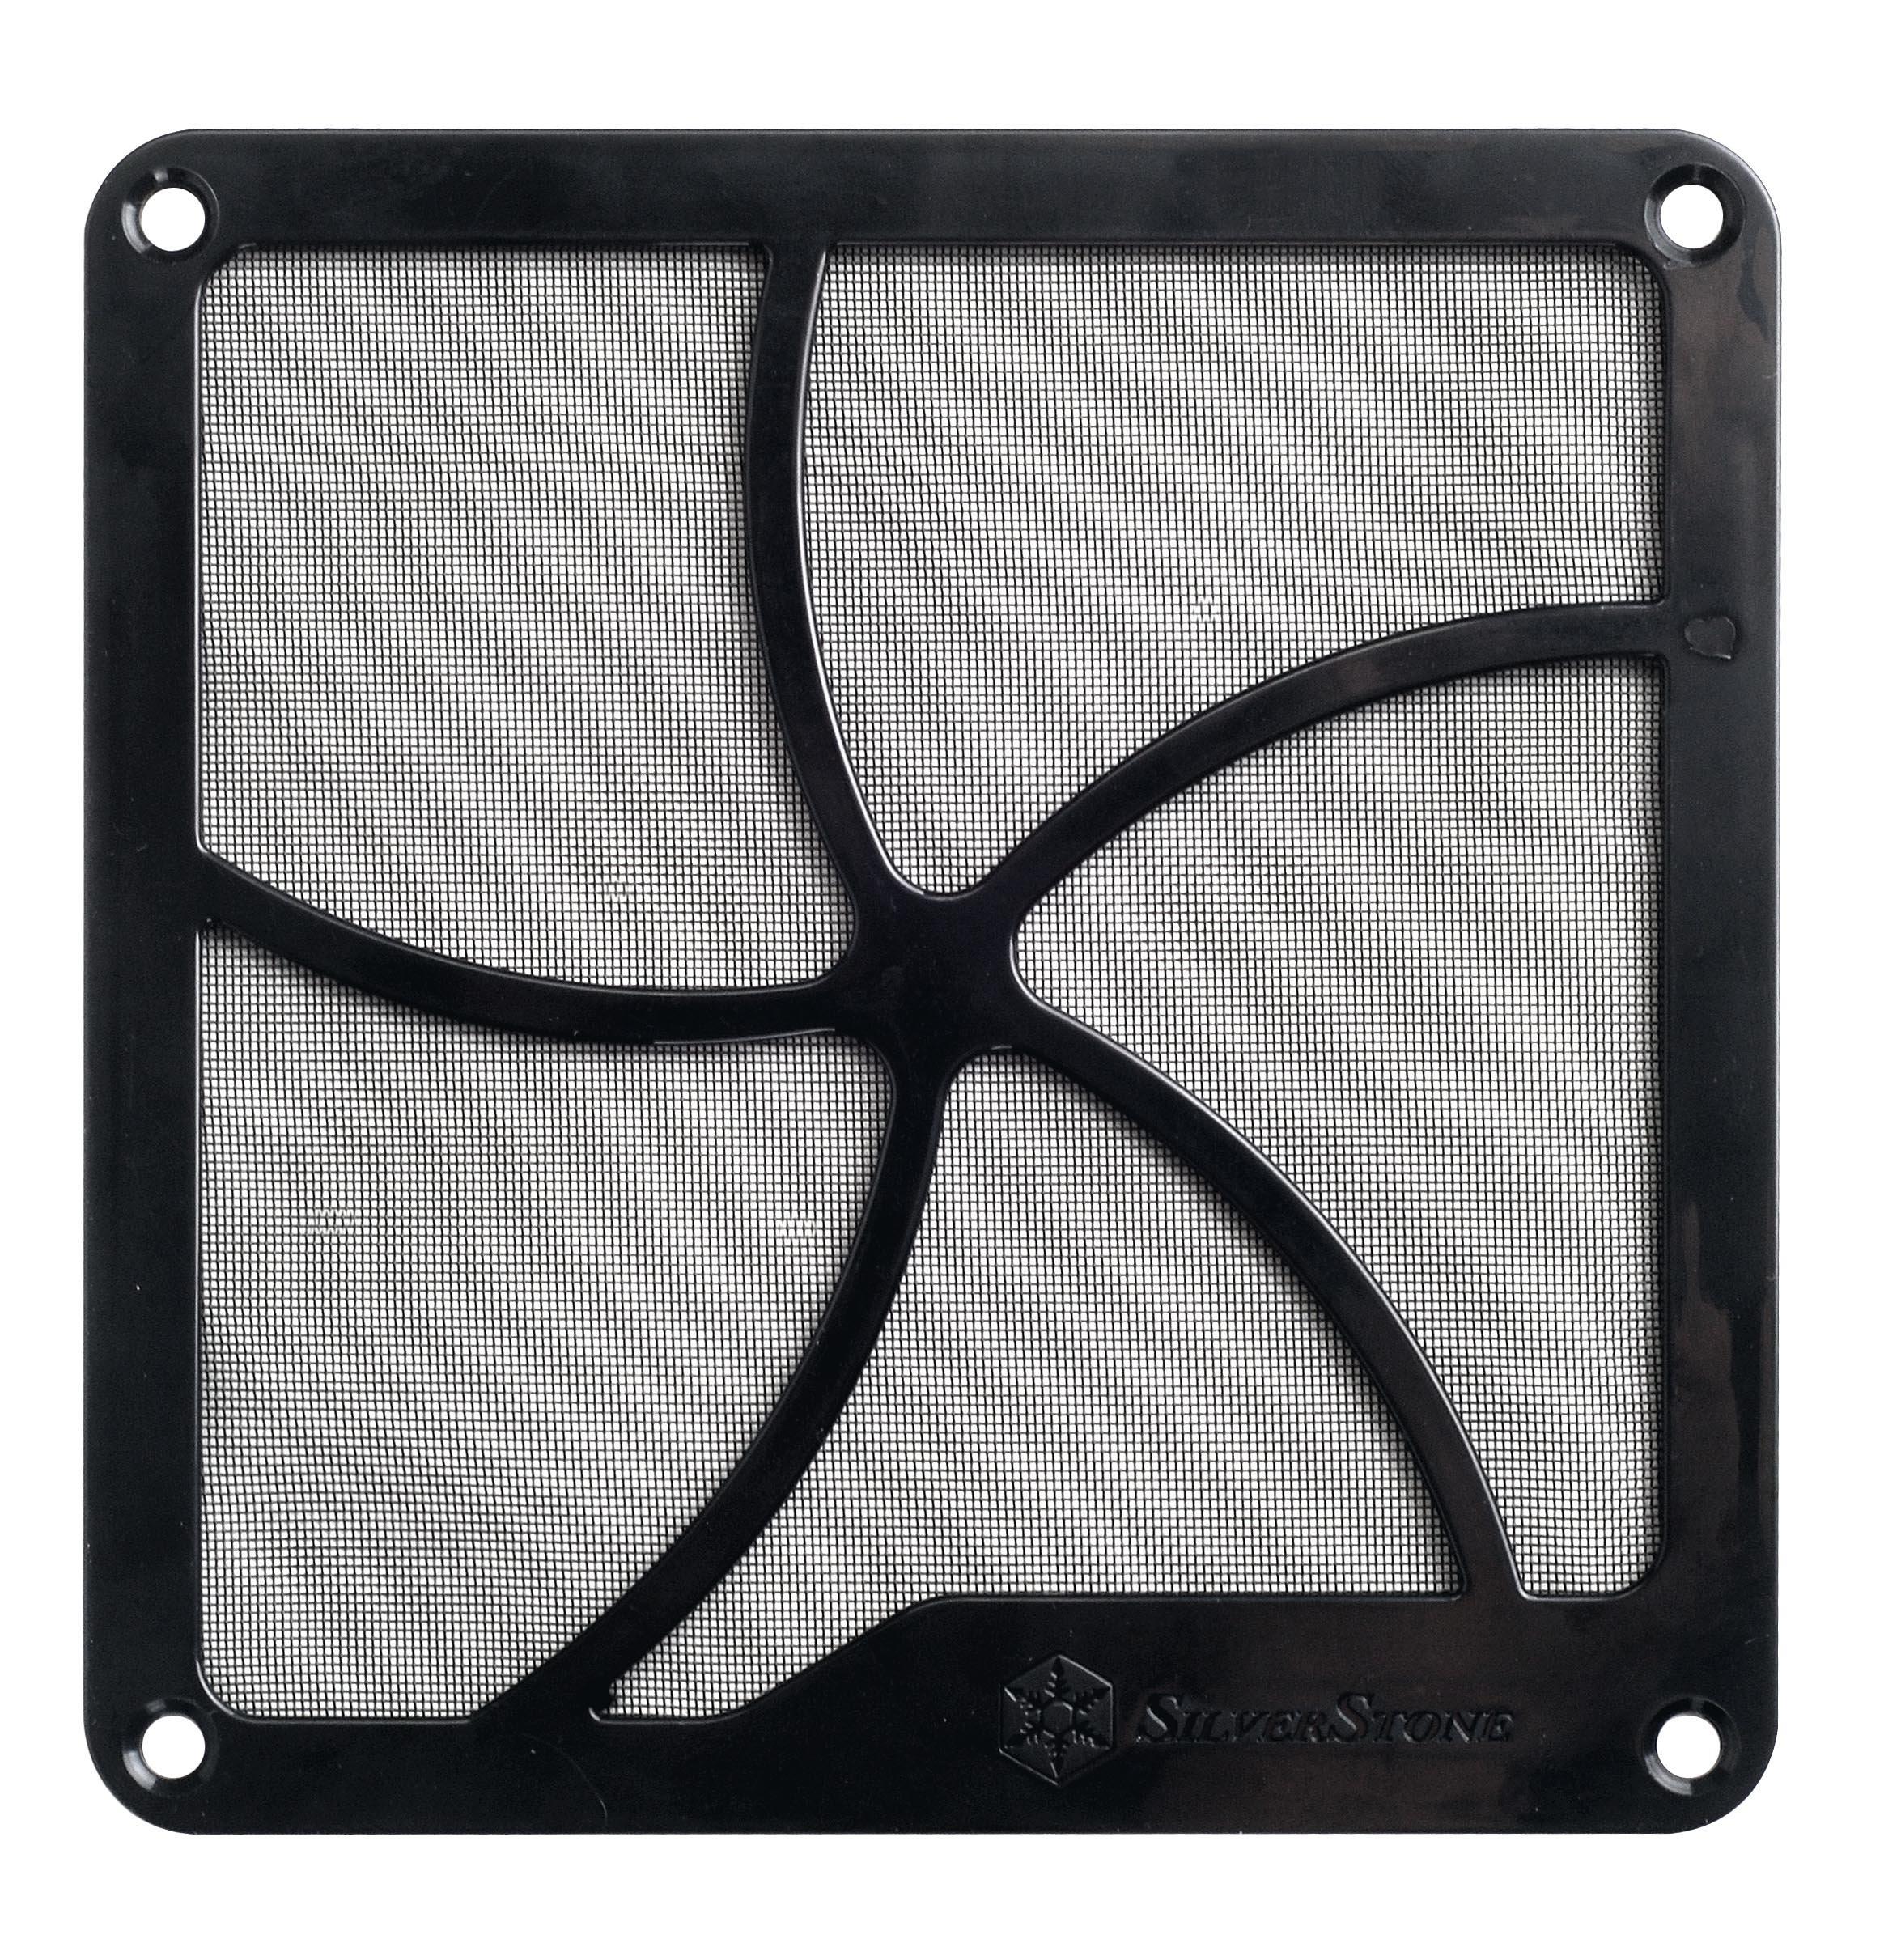 S SIENOC 10 x Coperchio dello Slot PCI con Viti 2 x 120 mm Coperchio della Ventola con Filtro Antipolvere Ultra fine Montaggio Magnetico Nero